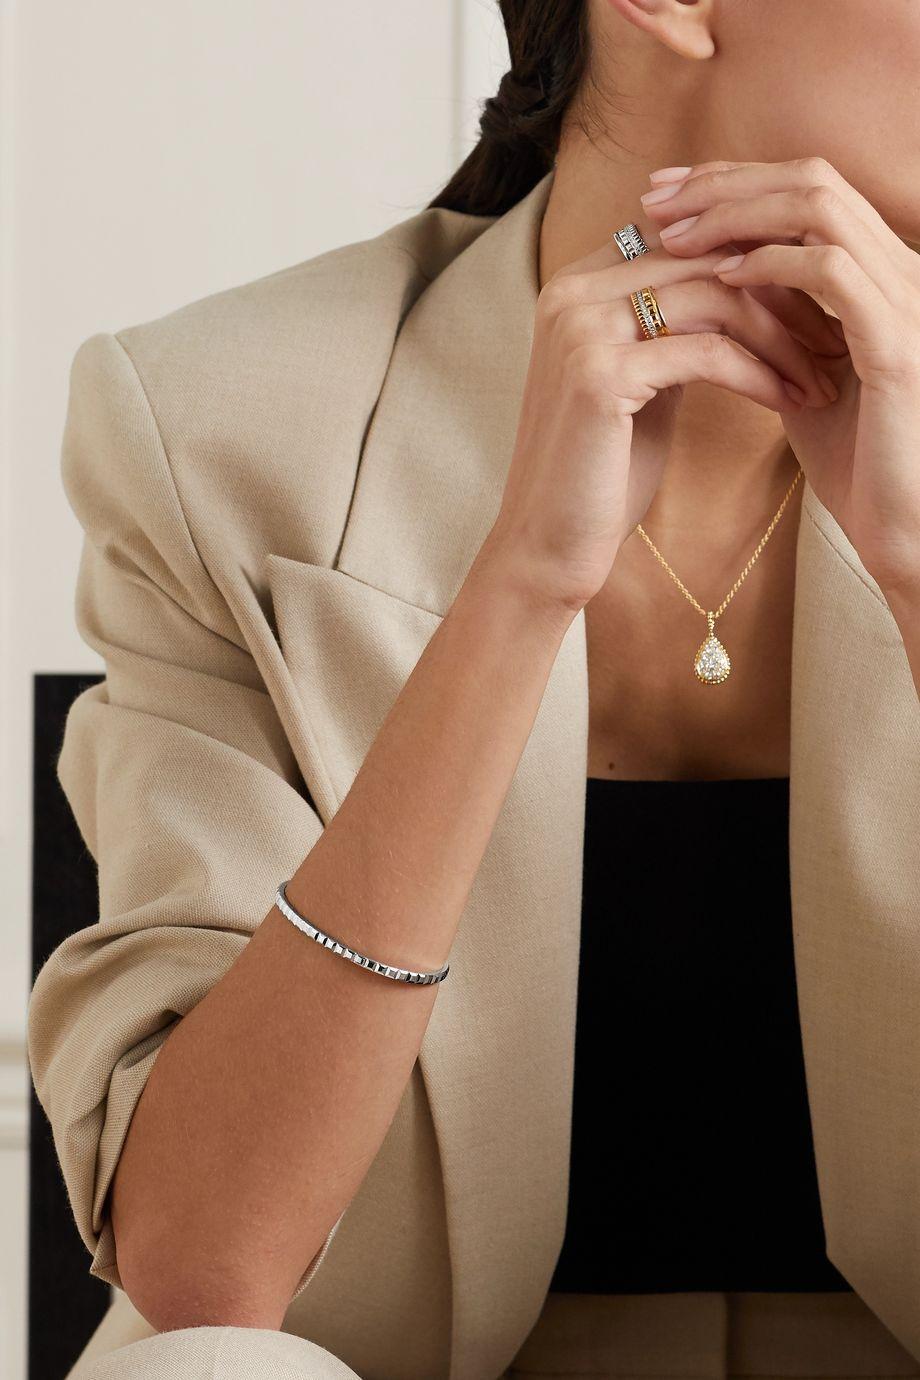 Boucheron Quatre Clou de Paris Small 18-karat white gold bangle